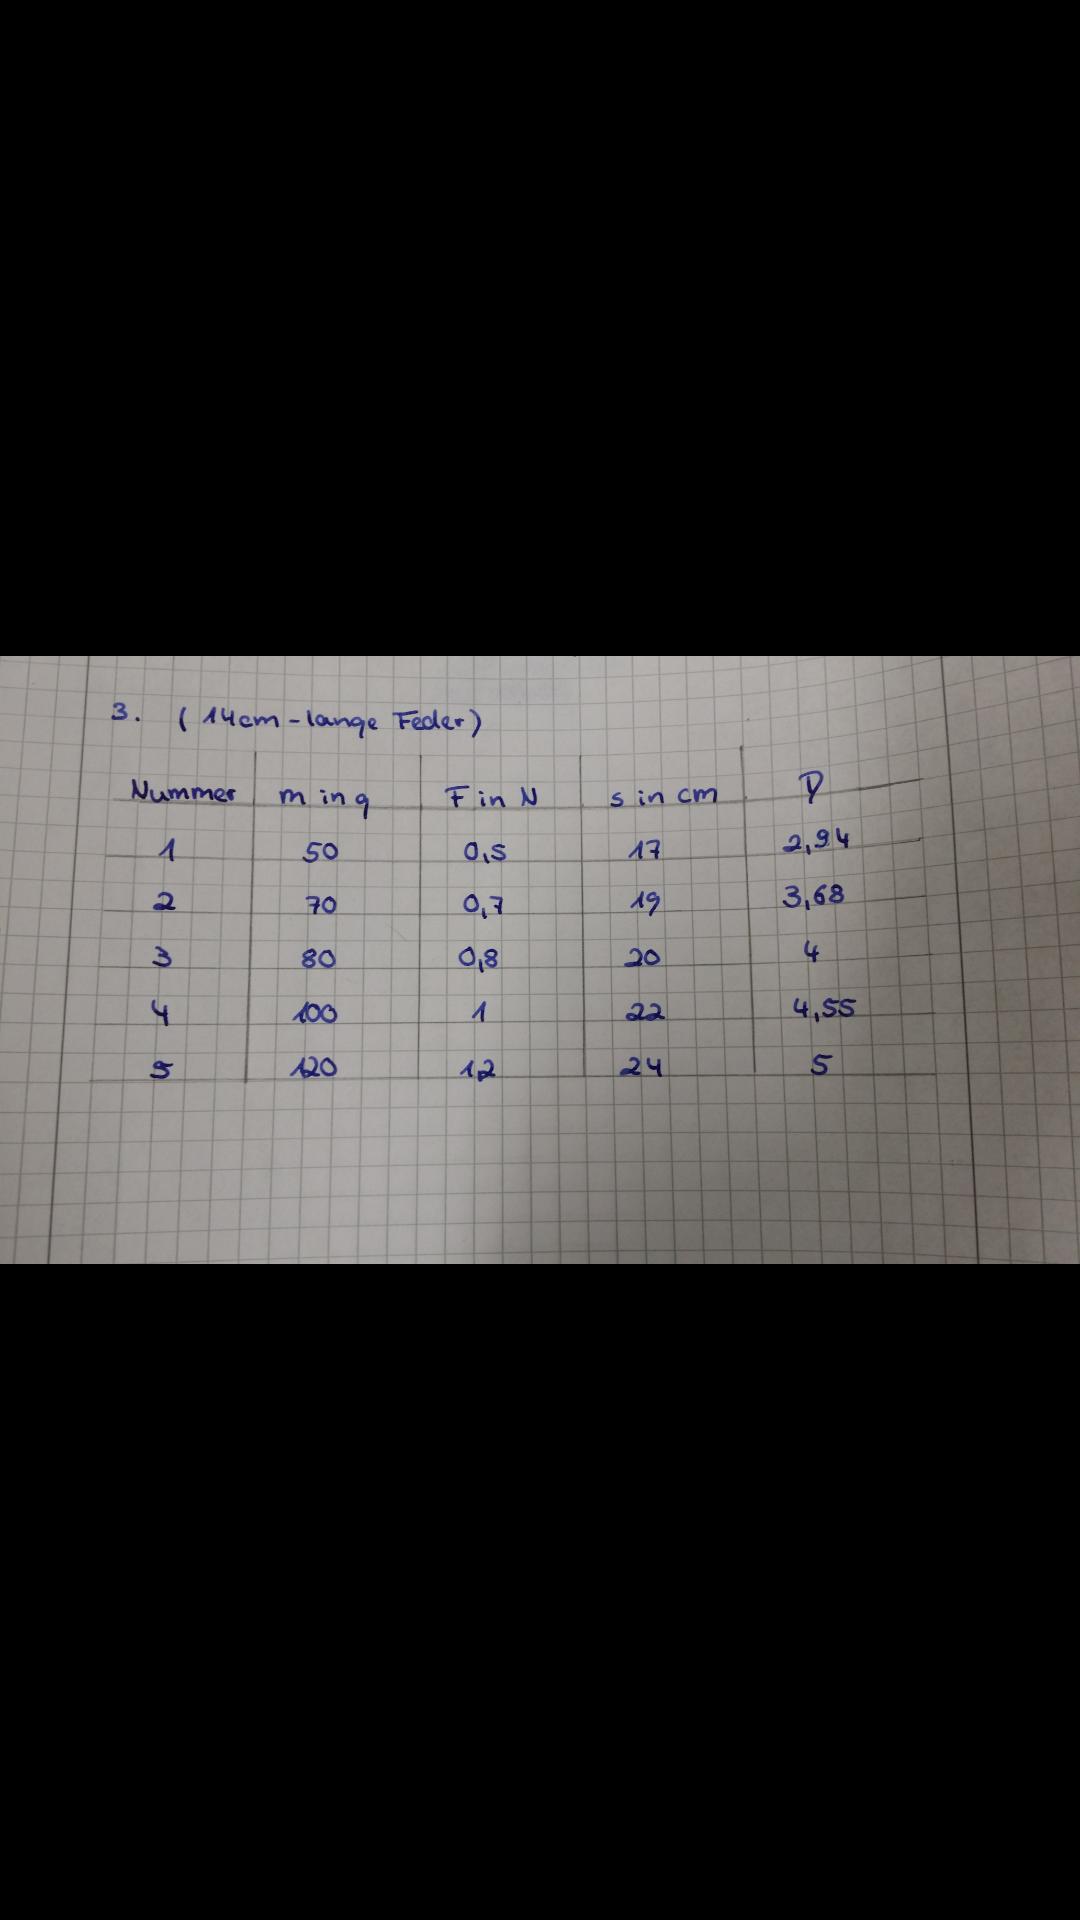 Wie berechnet man Zinseszins – Formel und Beispiele Was ist das – Zinseszins Zinseszins ist Zins, der auf kapitalisierte (dem Kapital zugeschriebene) Zinsen vergangener Berechnungsperioden berechnet wird.